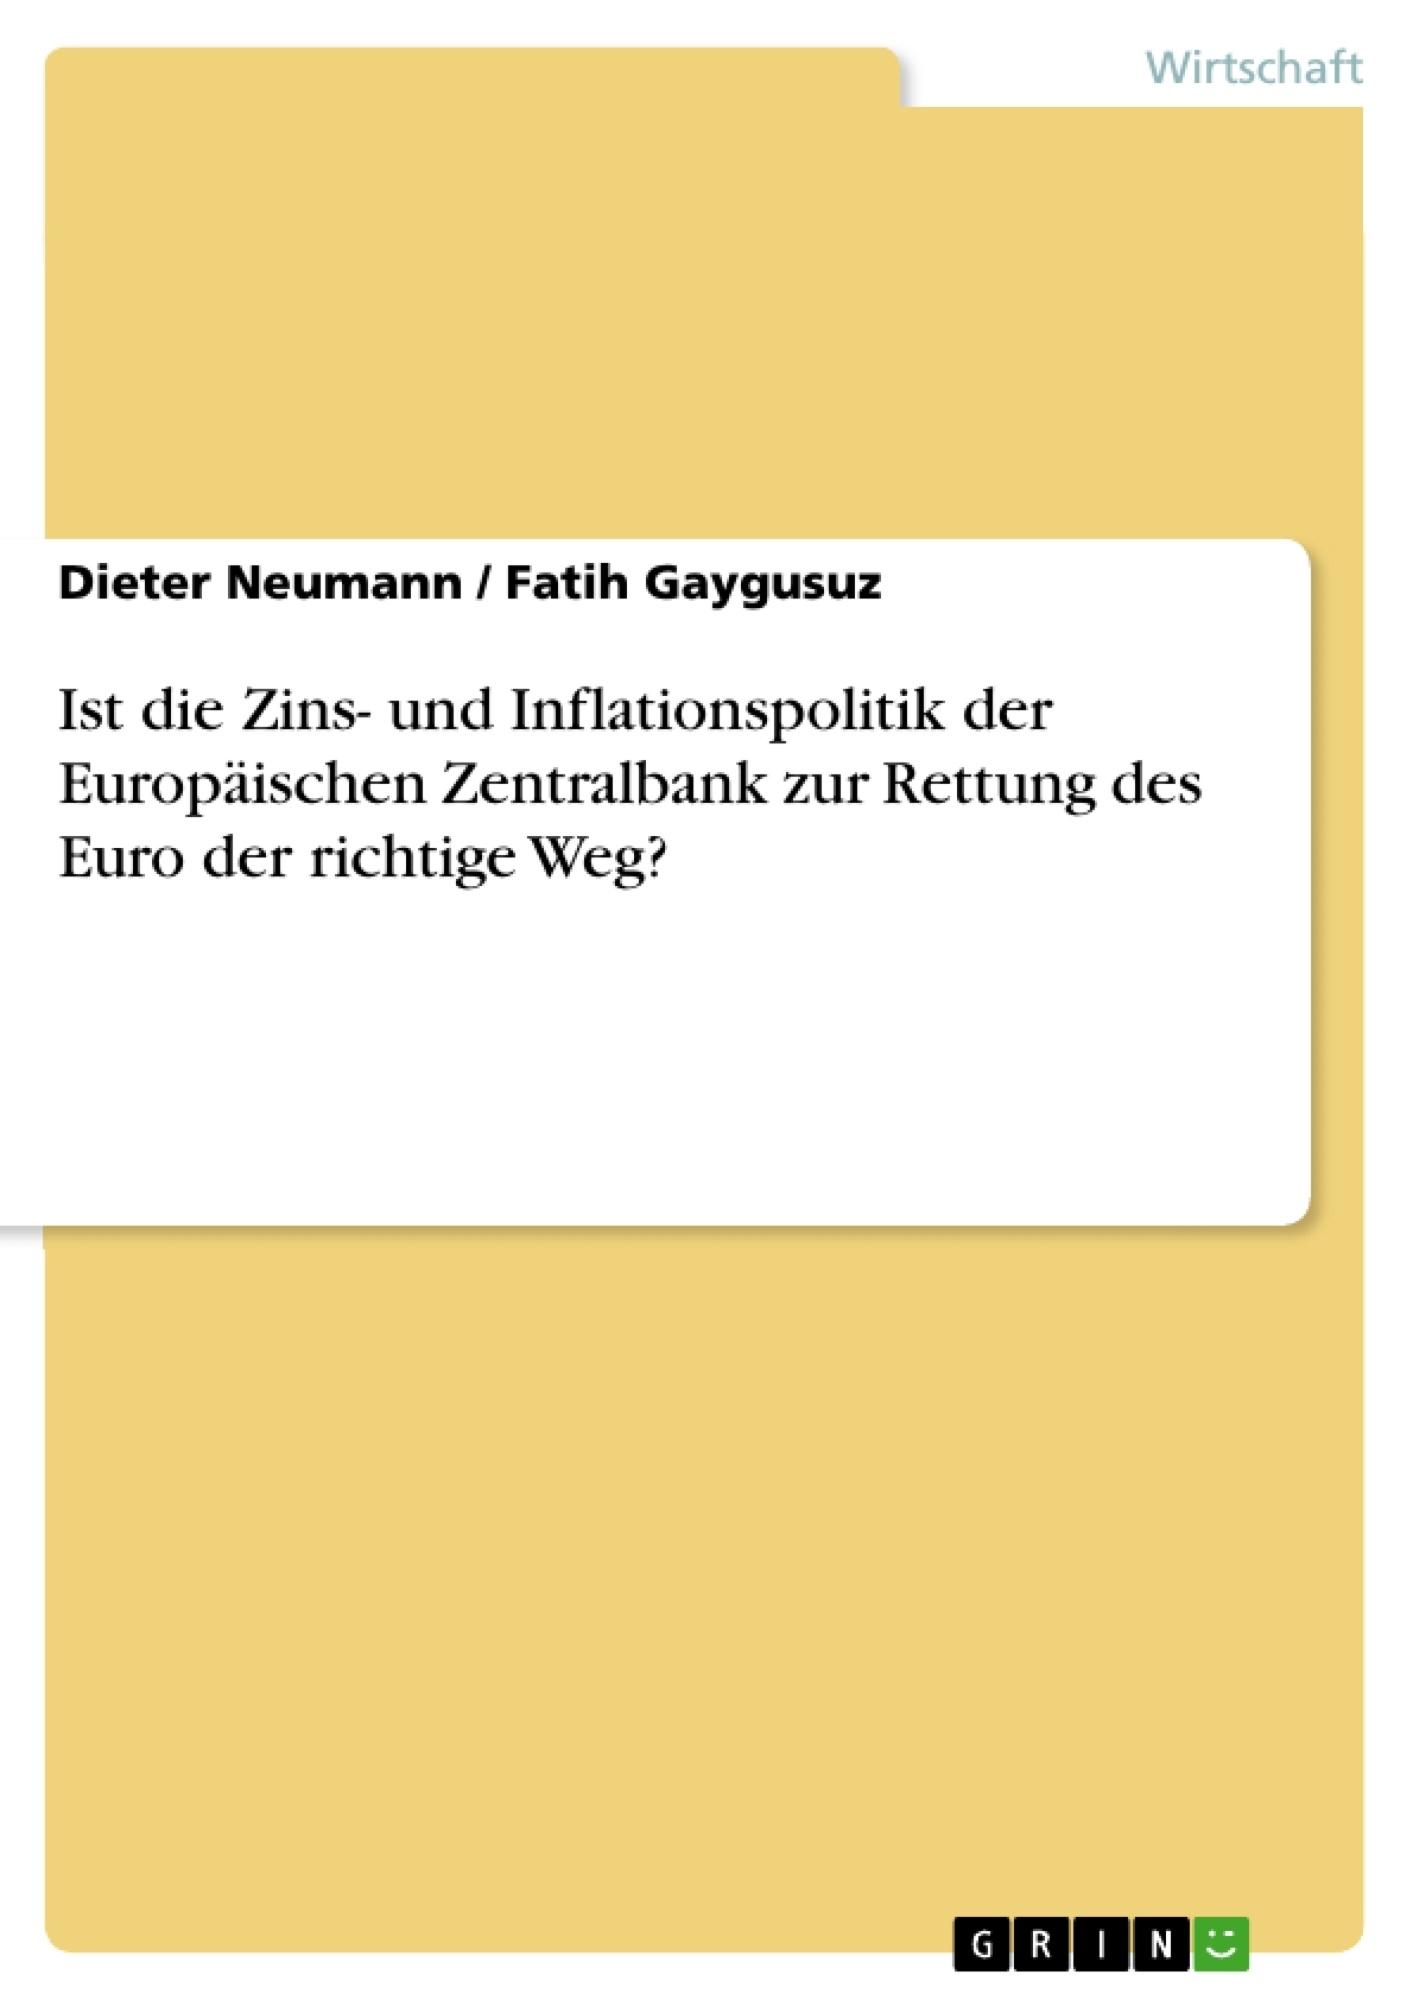 Titel: Ist die Zins- und Inflationspolitik der Europäischen Zentralbank zur Rettung des Euro der richtige Weg?